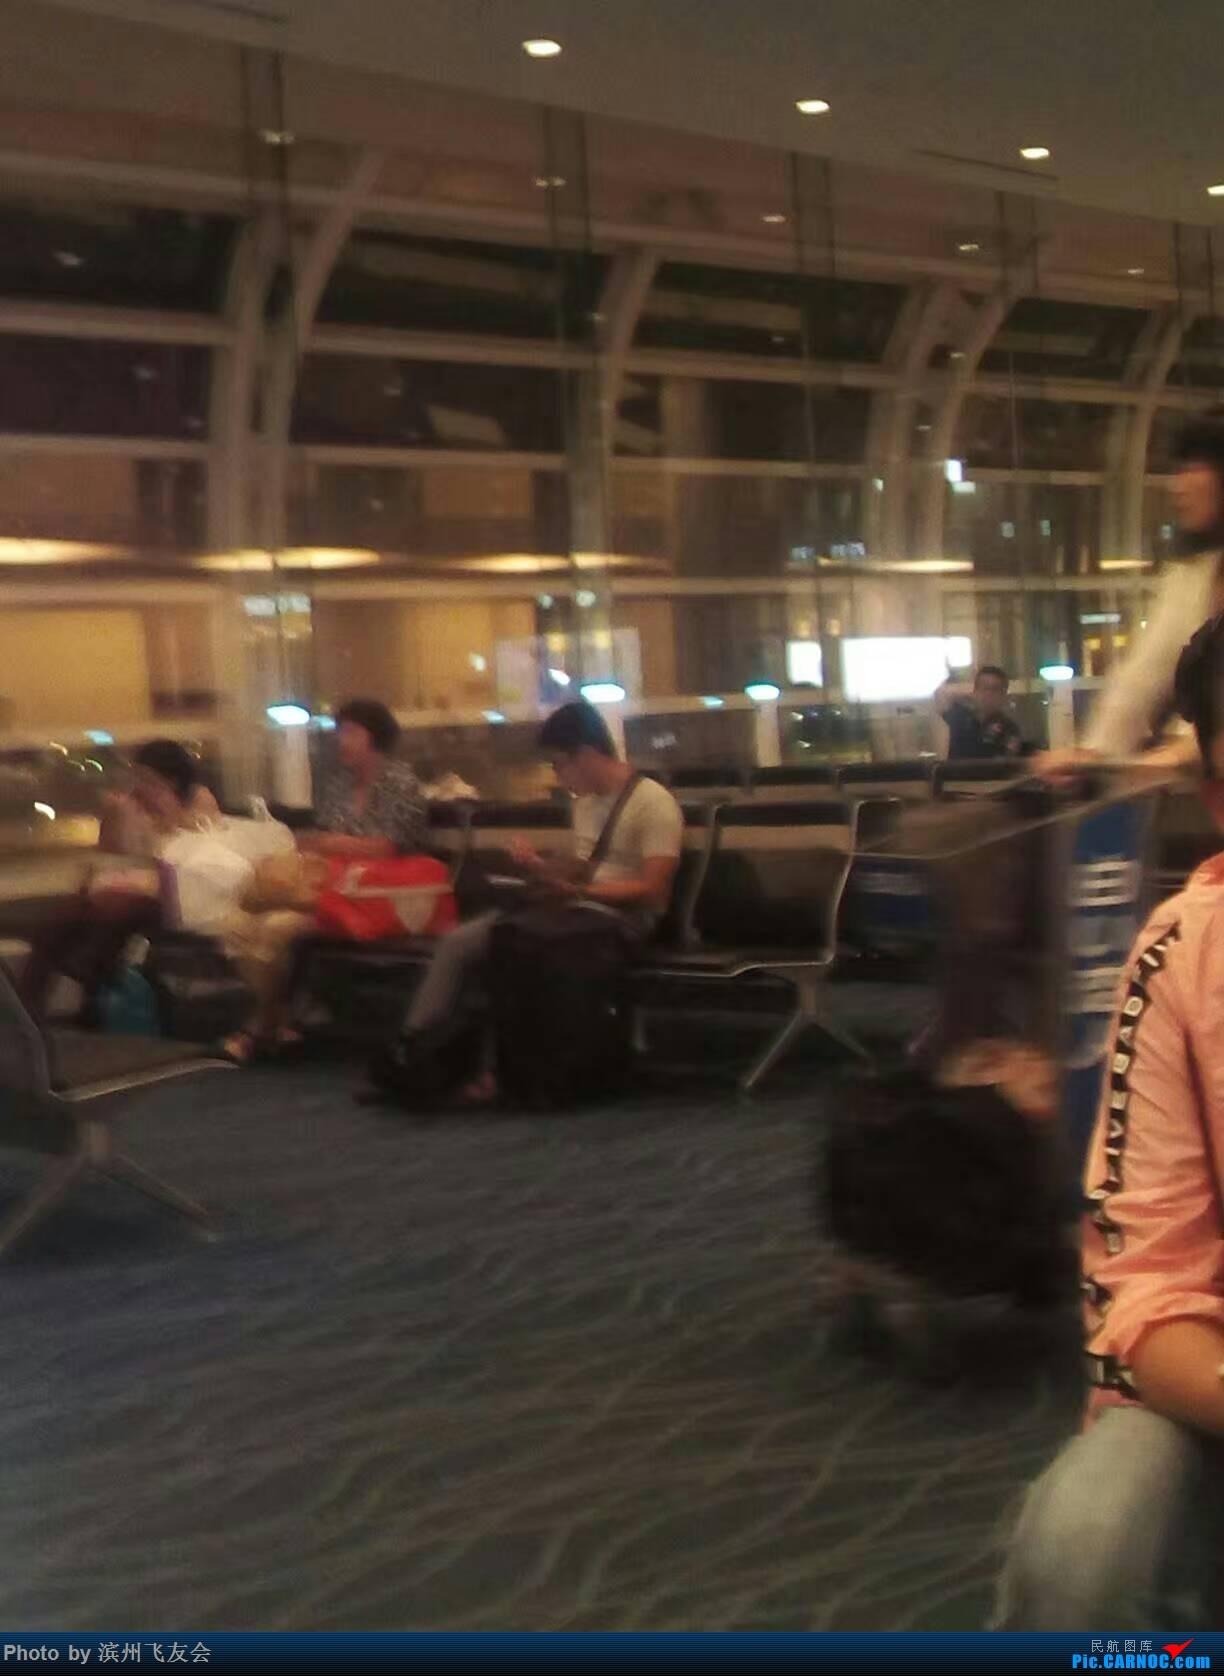 Re:[原创]全日空美国游记2-东京羽田,洛杉矶 BOEING 777-200ER  日本东京羽田国际机场